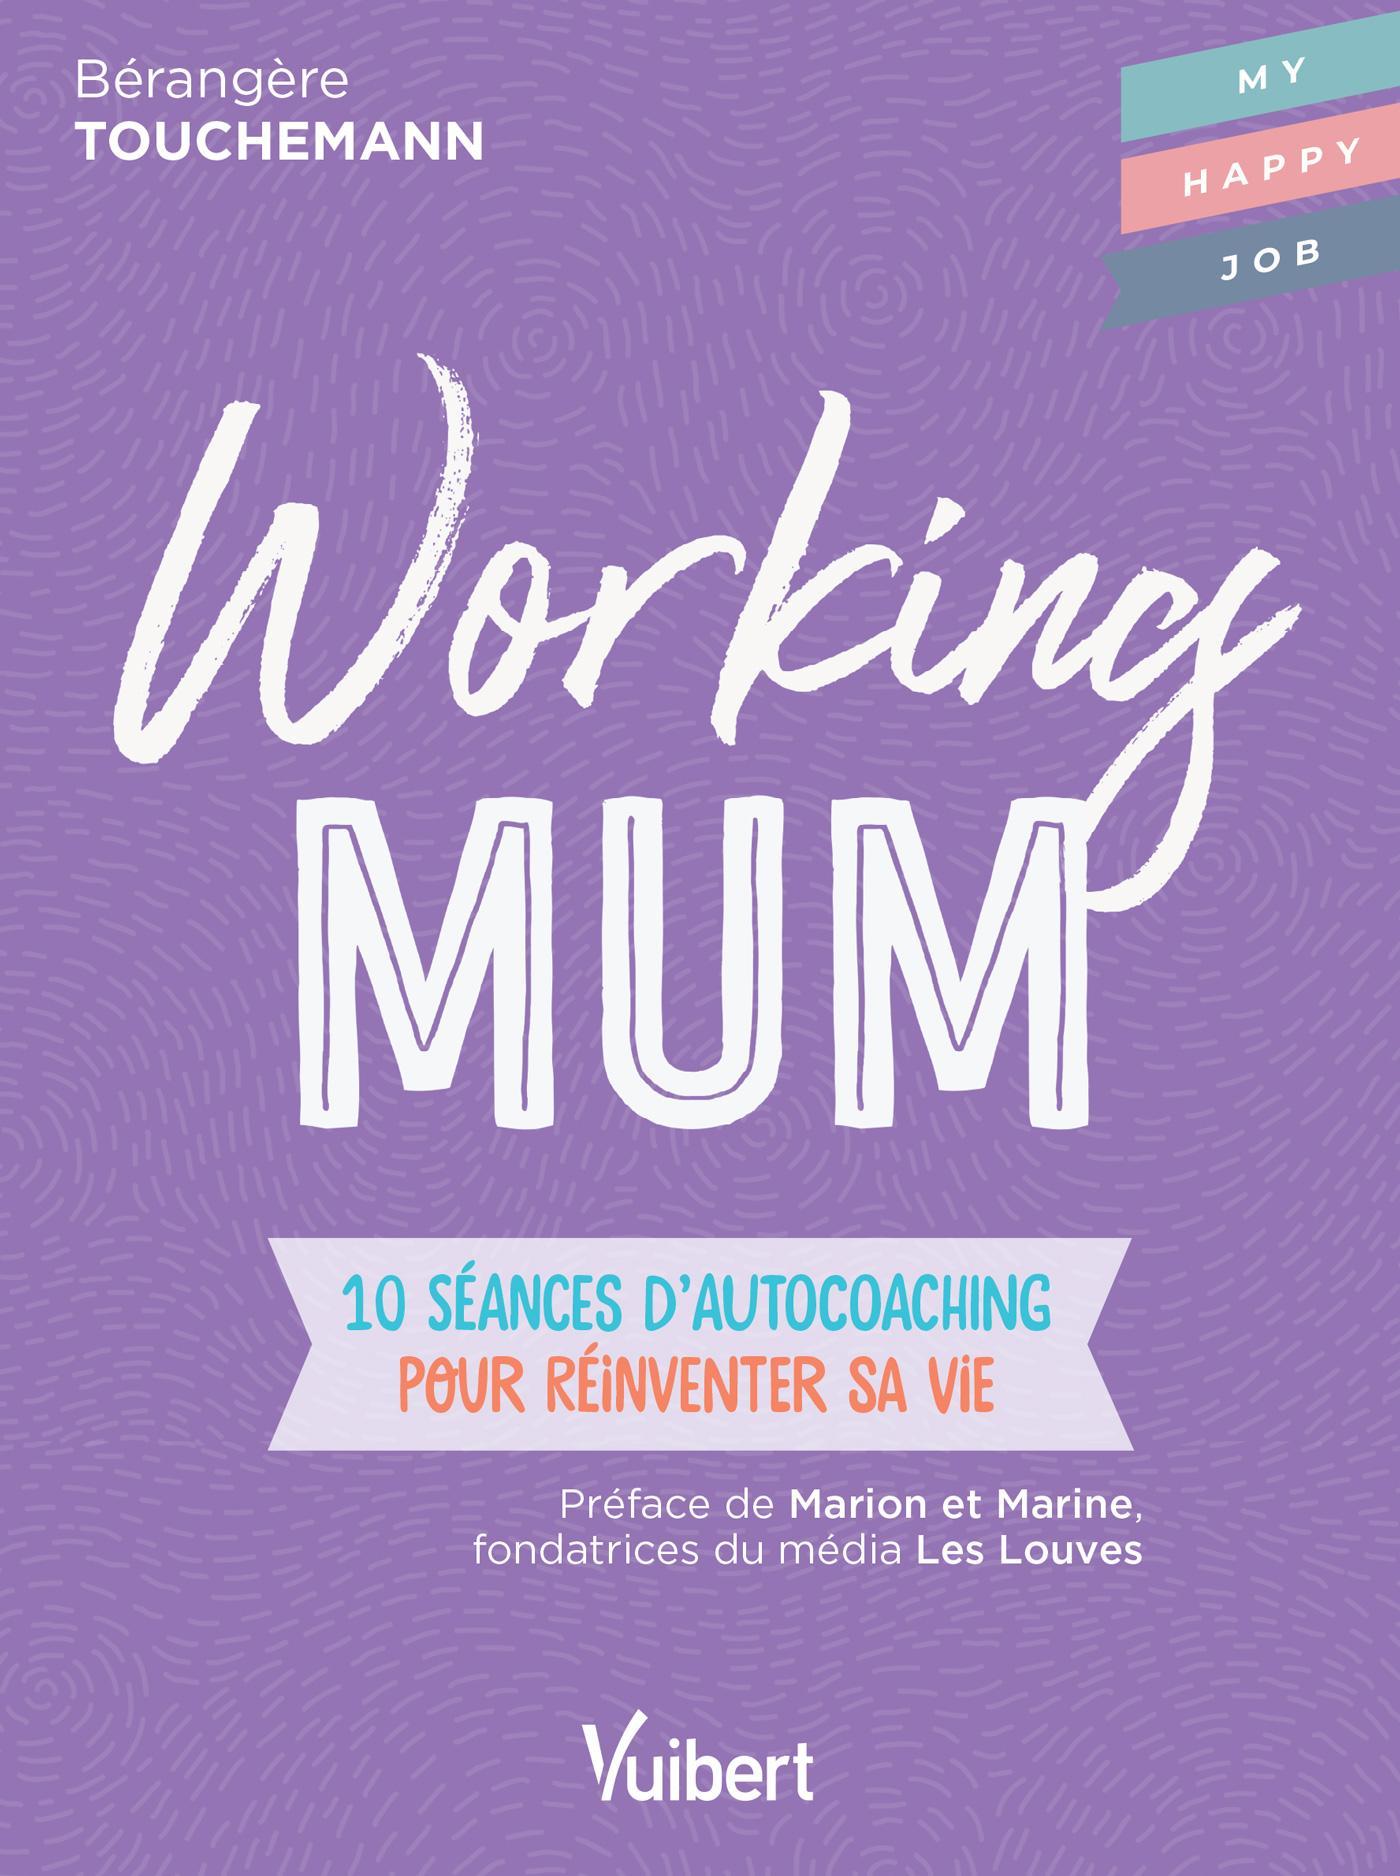 Working Mum de Bérangère Touchemann